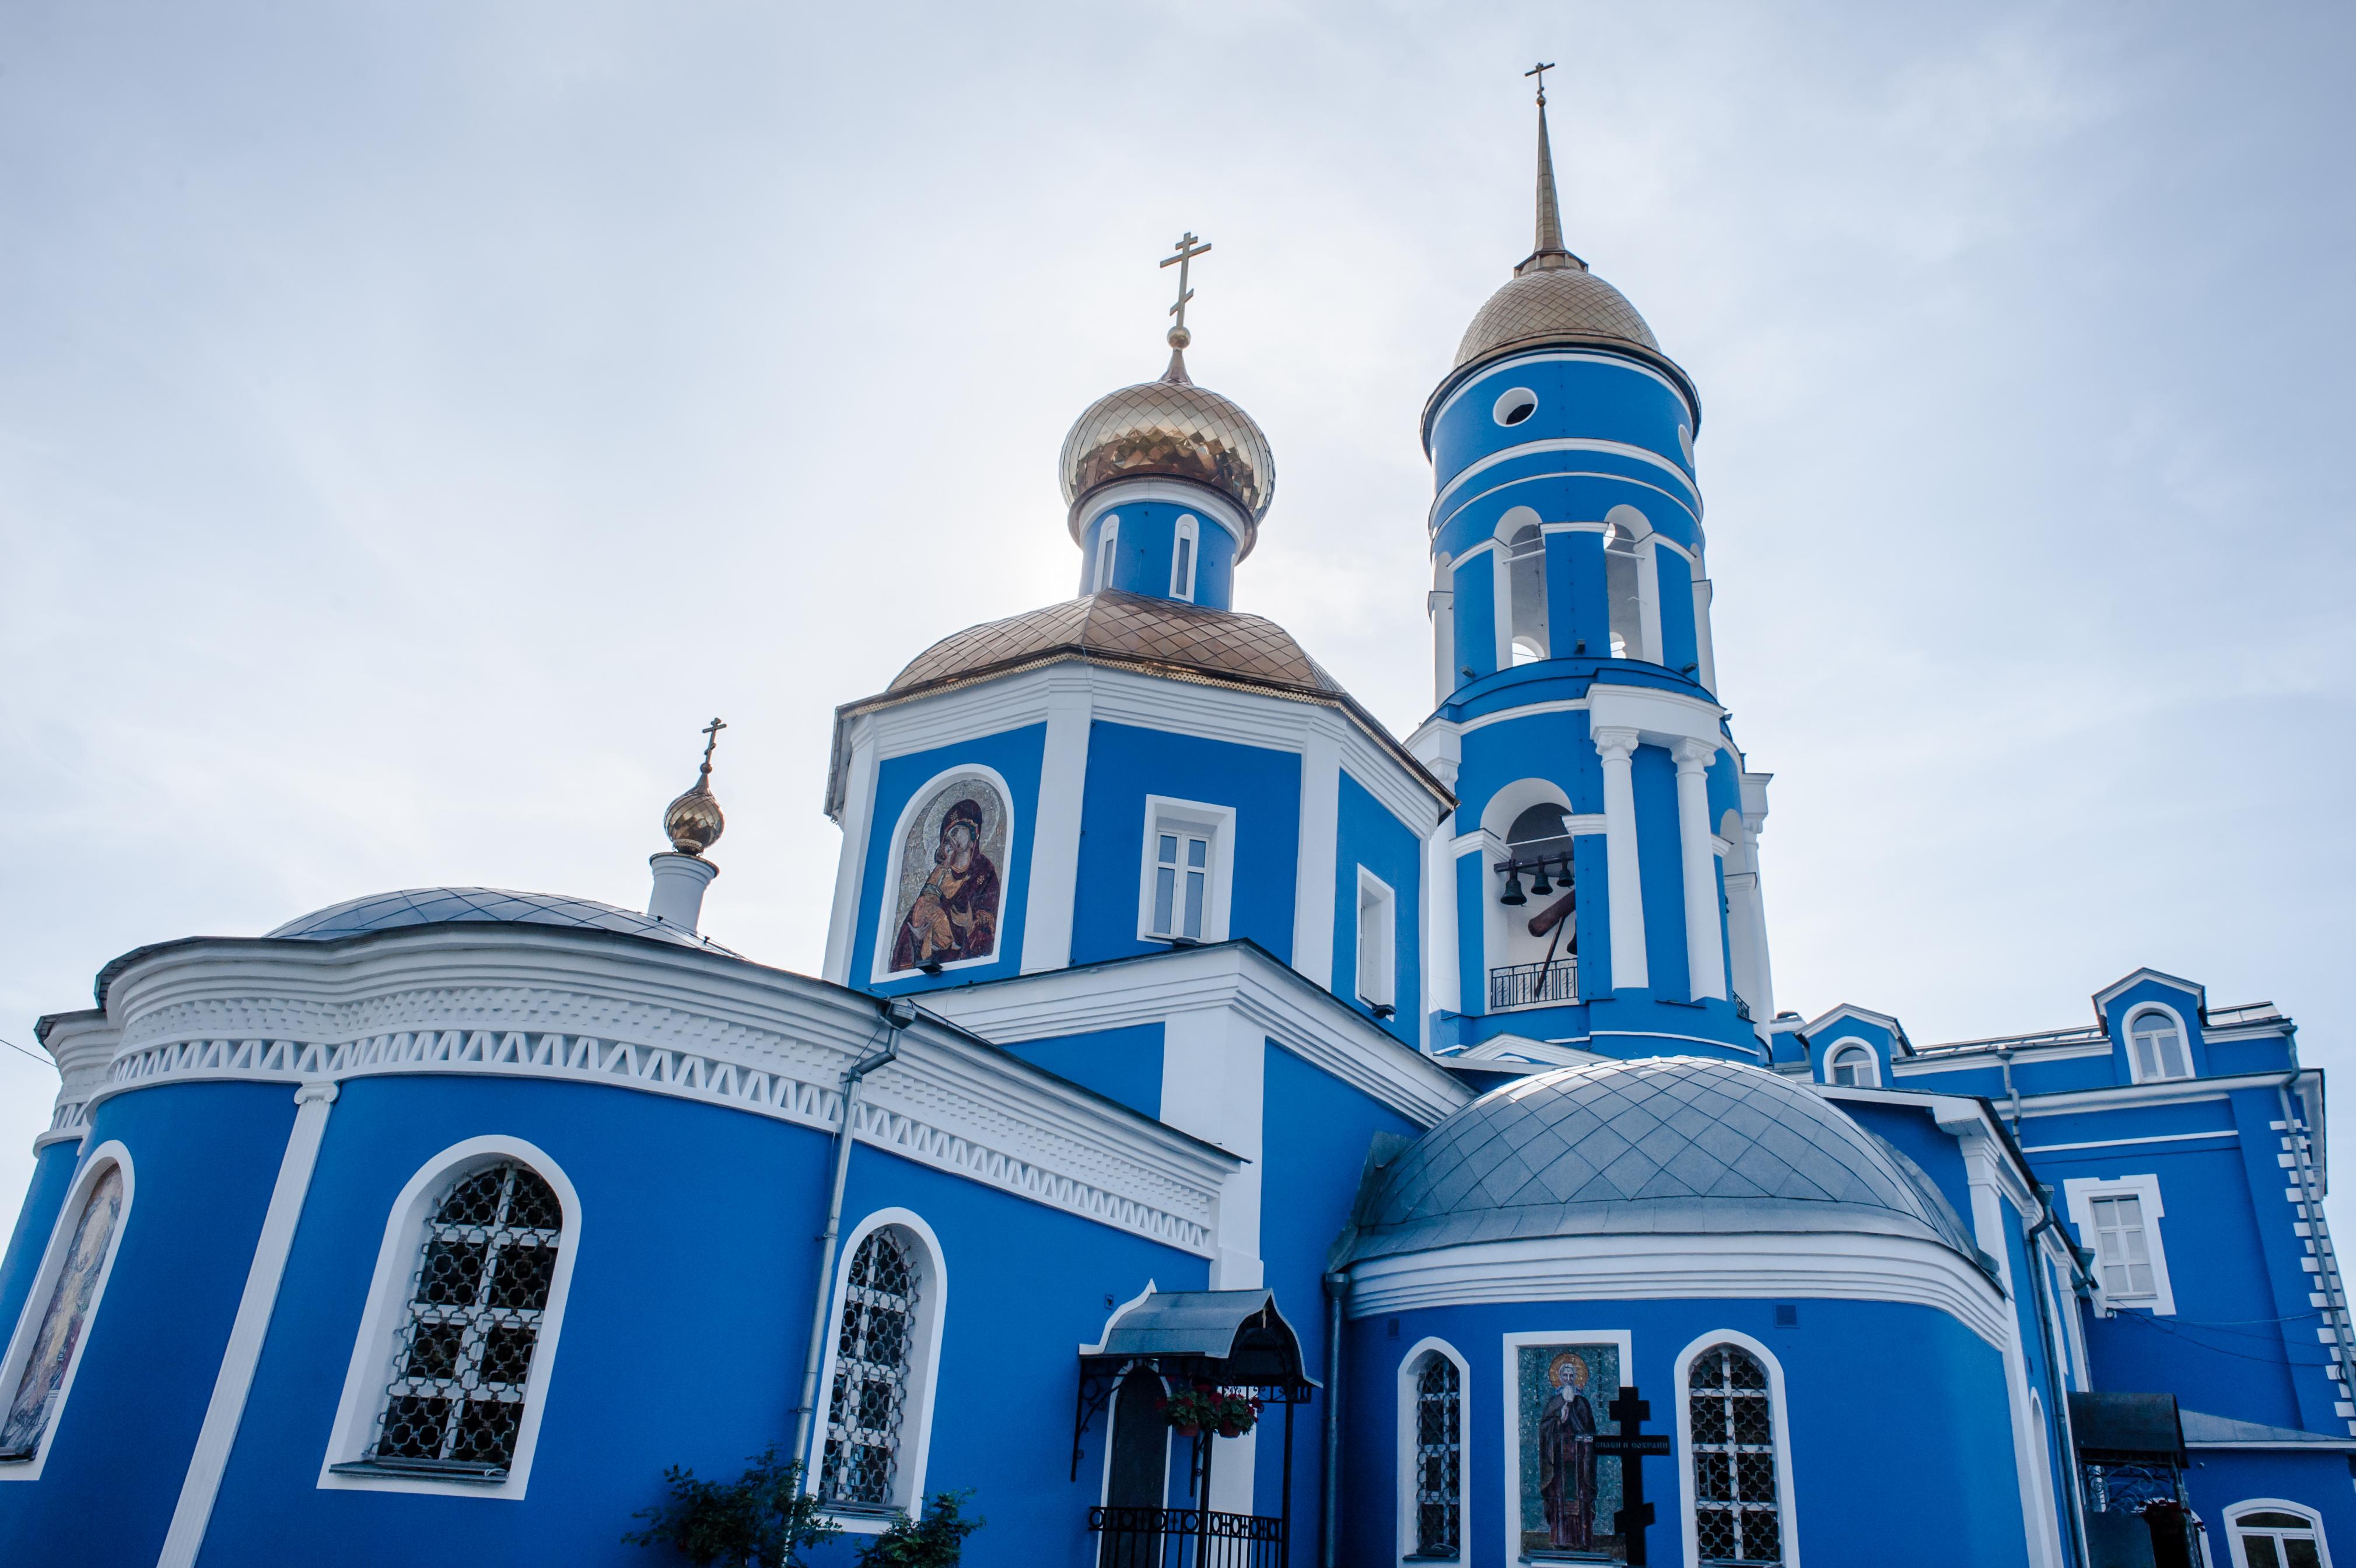 Ярославское направление, Мытищи, Владимирская церковь